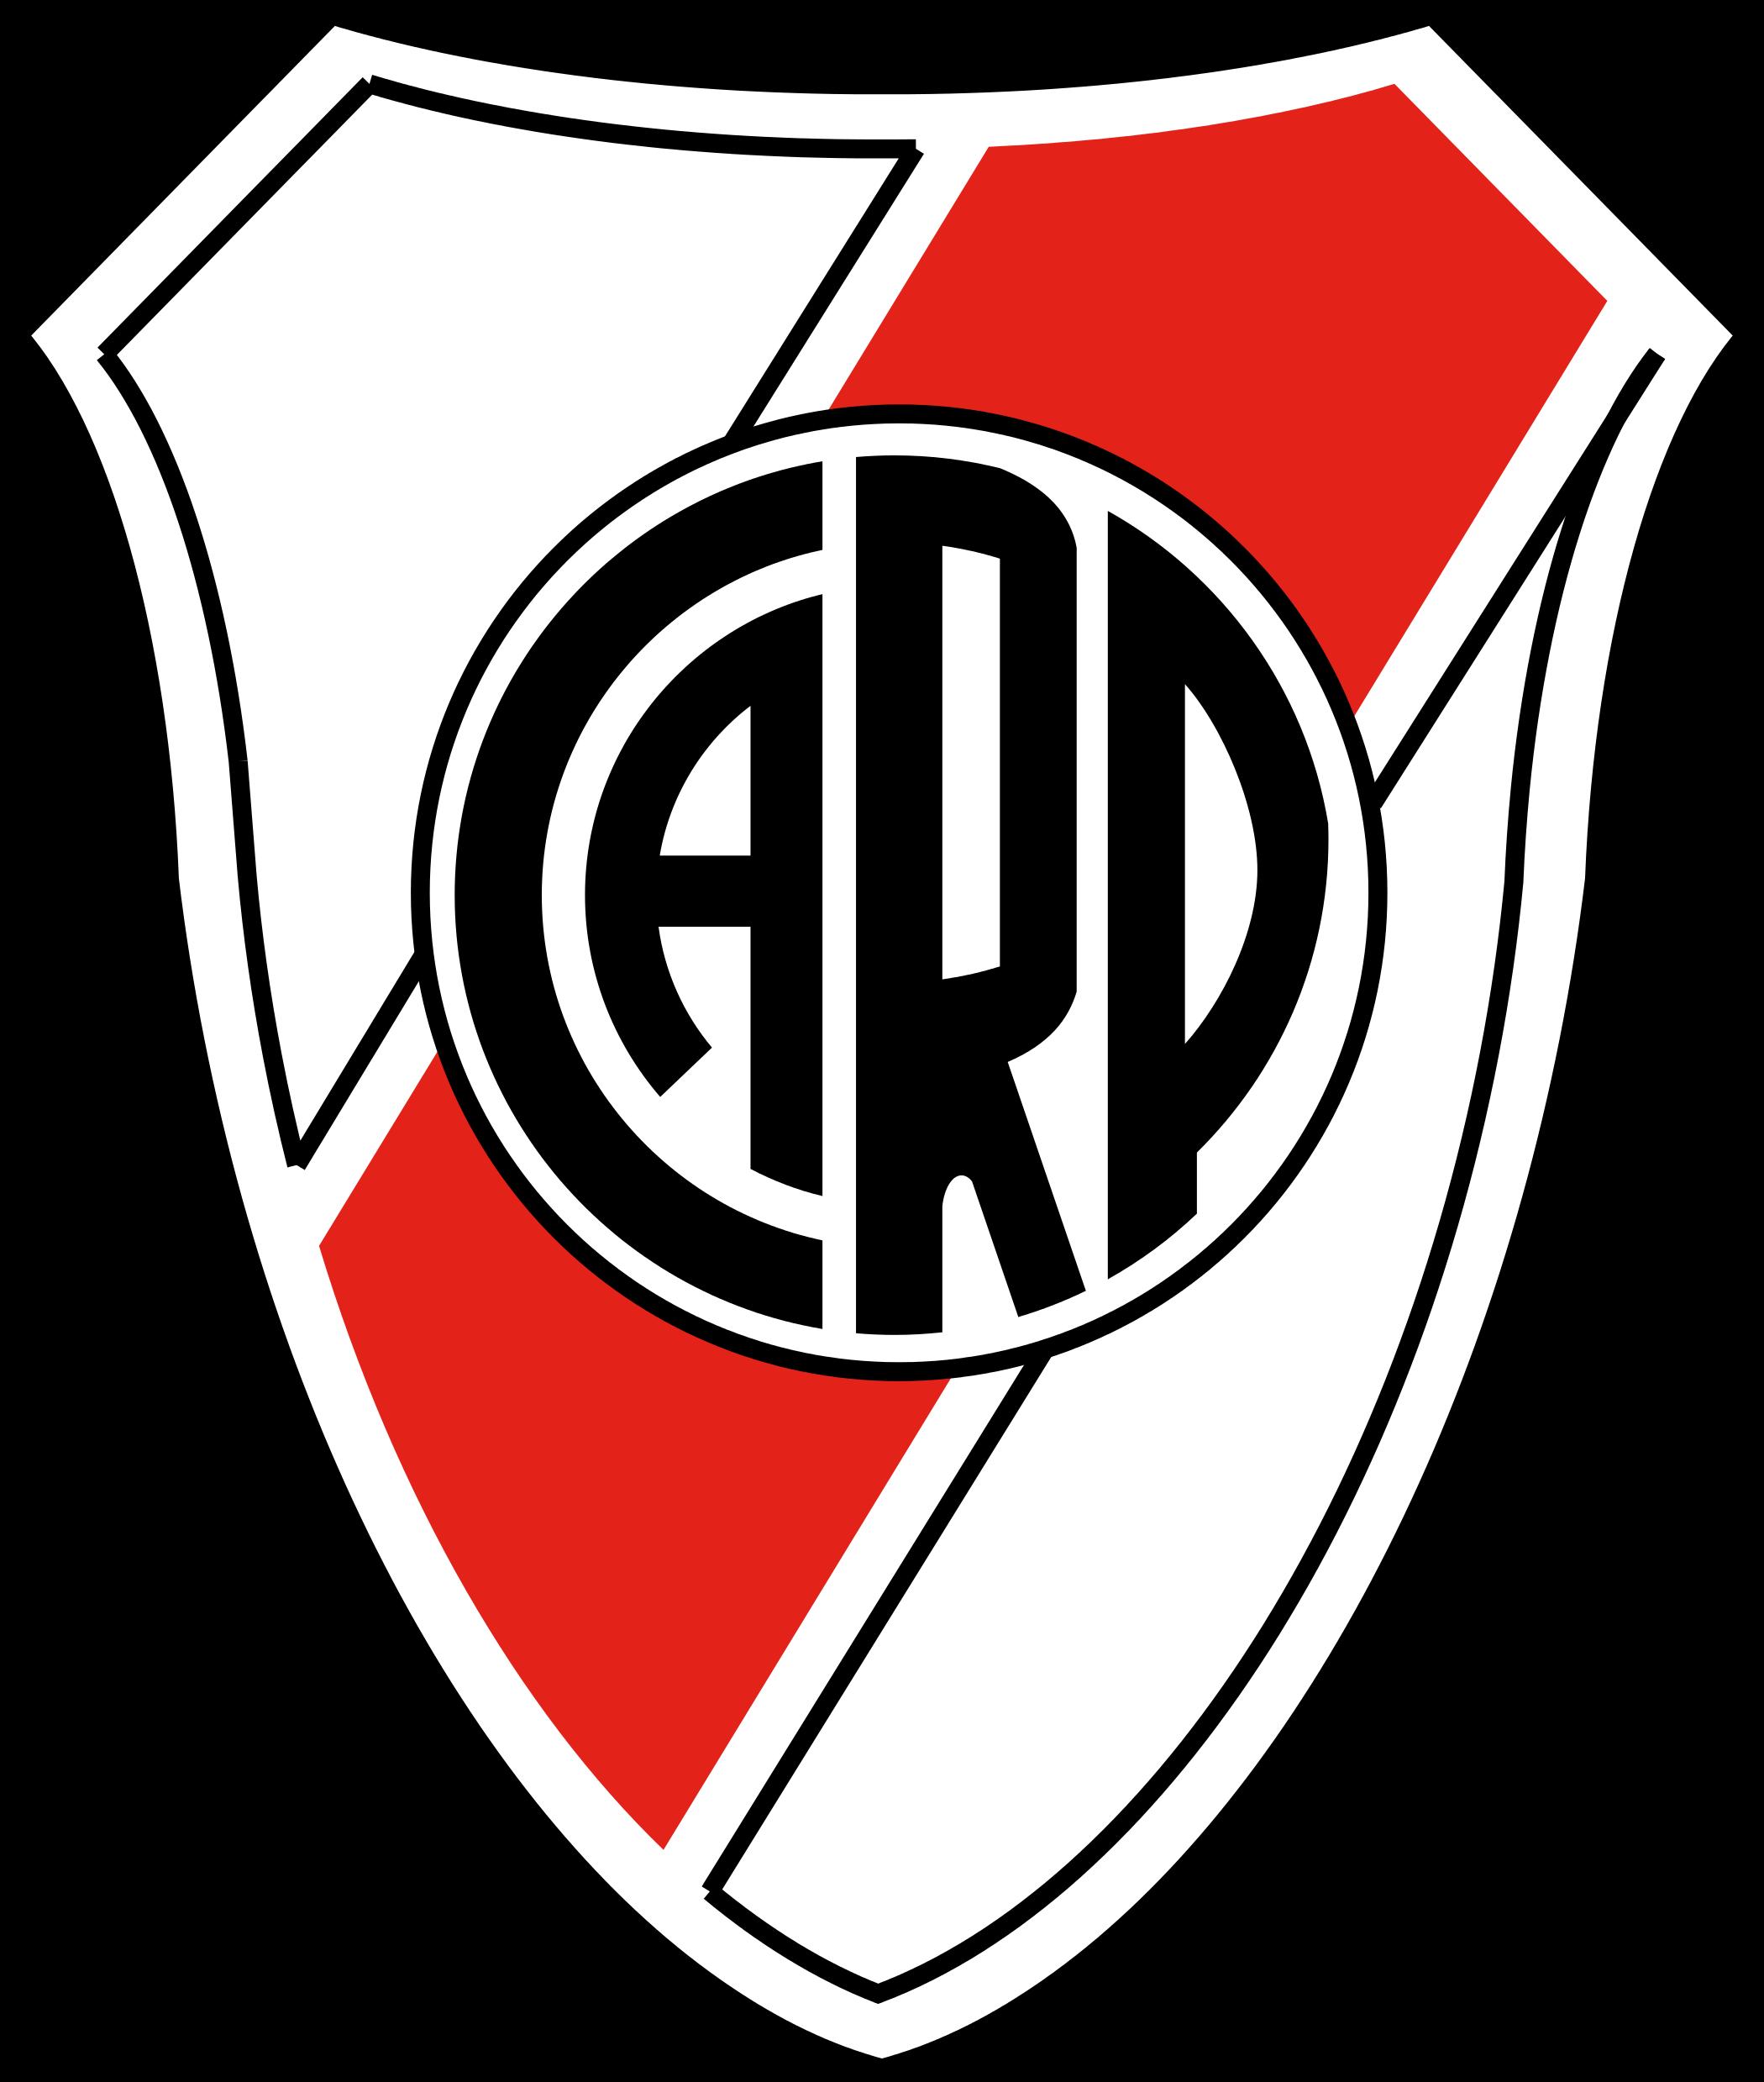 river plate logo 3 - River Plate Logo - Club Atlético River Plate Escudo